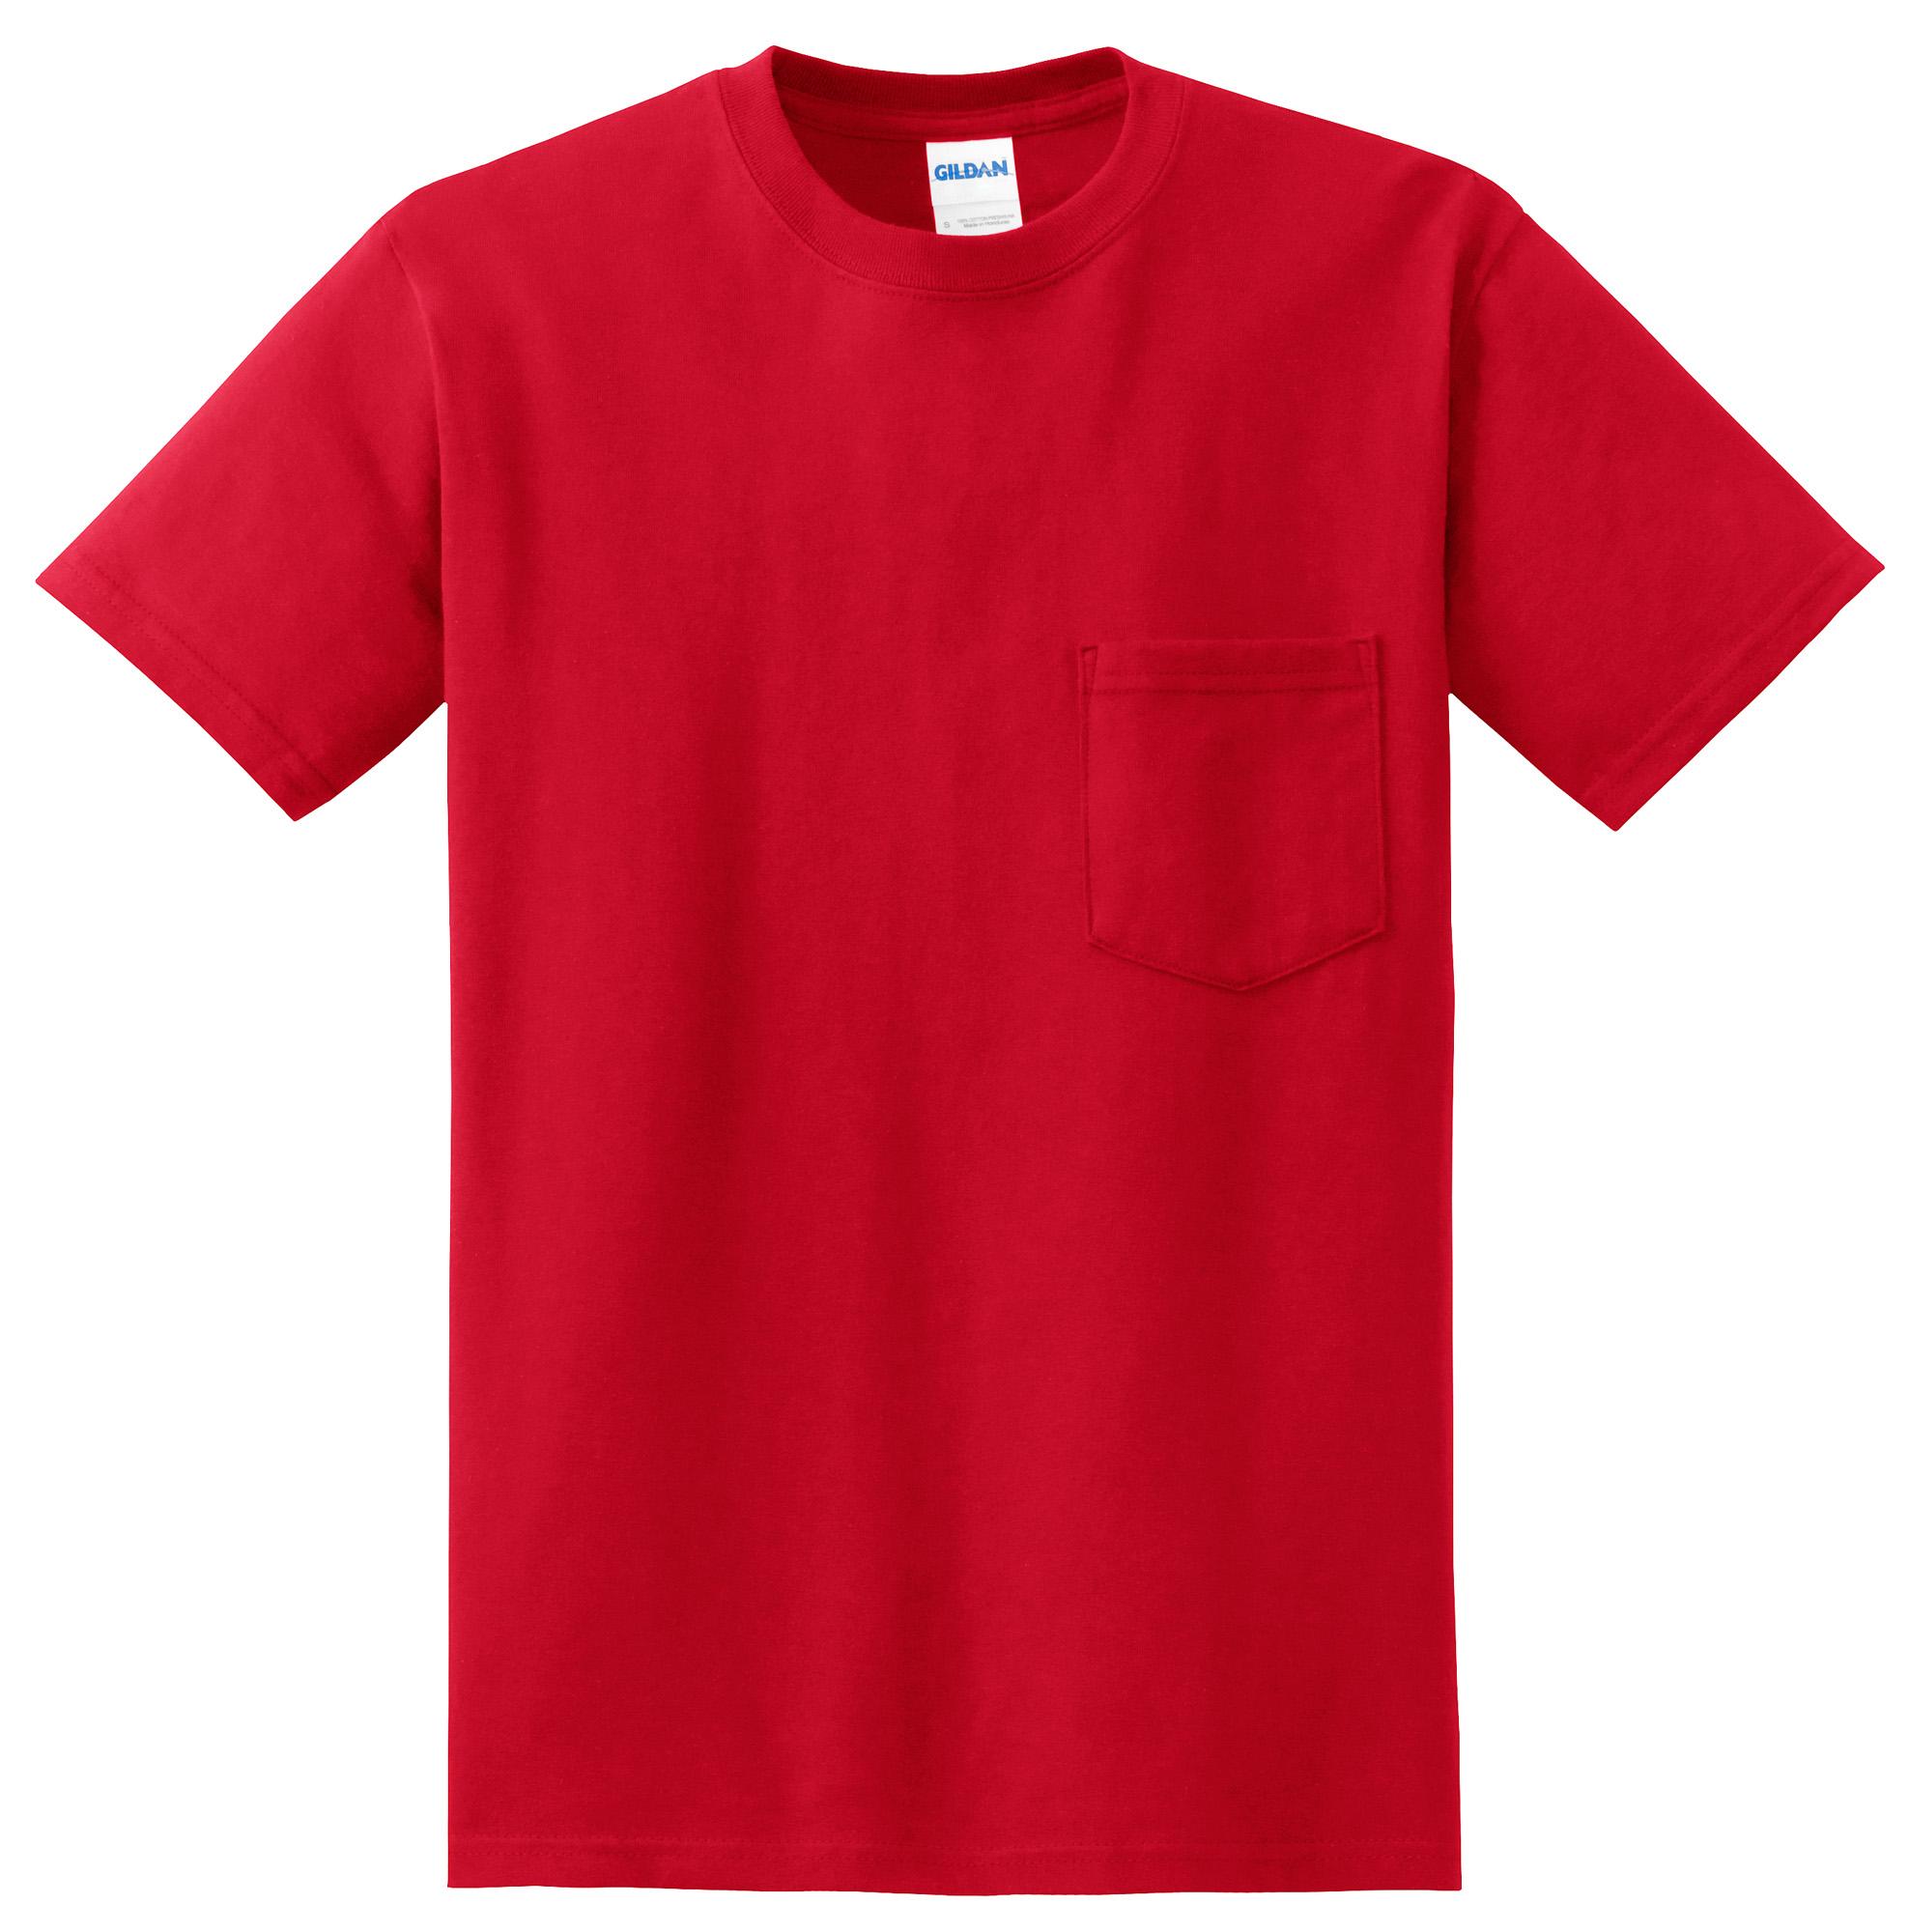 Gildan dryblend 50 cotton 50 dryblend poly pocket t shirt